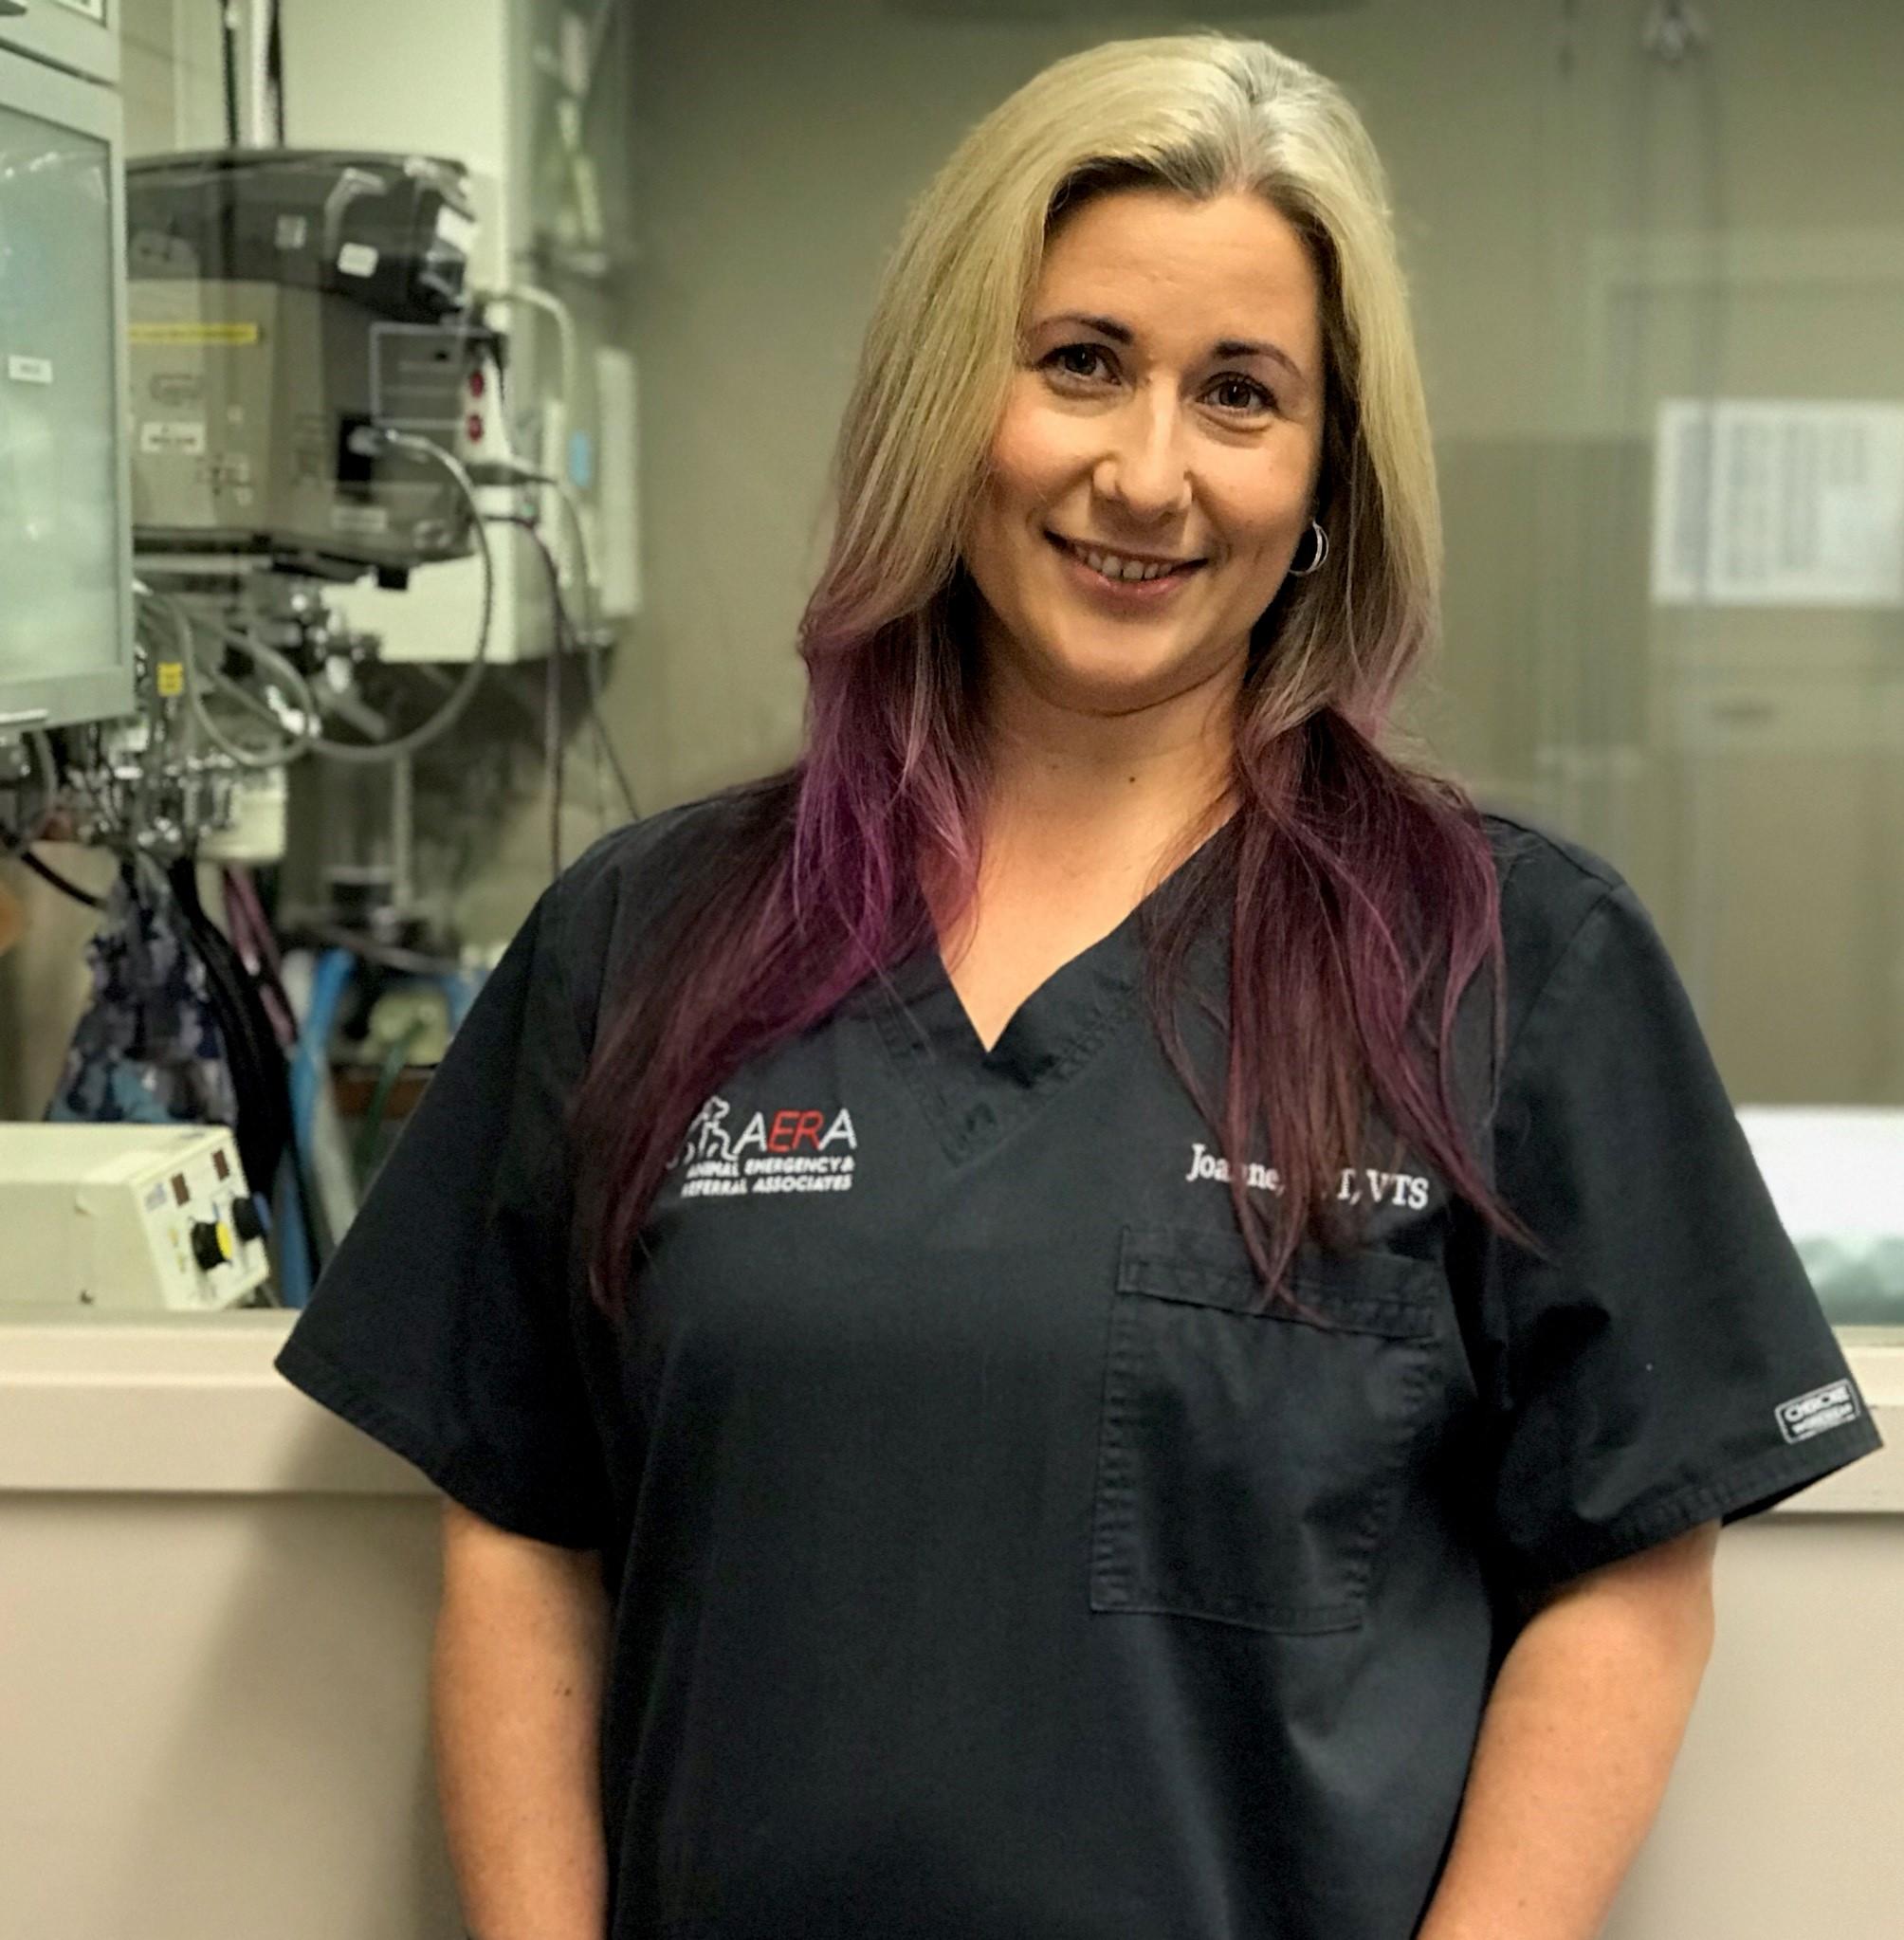 Joanne-Zimmerman-CVT-VTS-1 Services